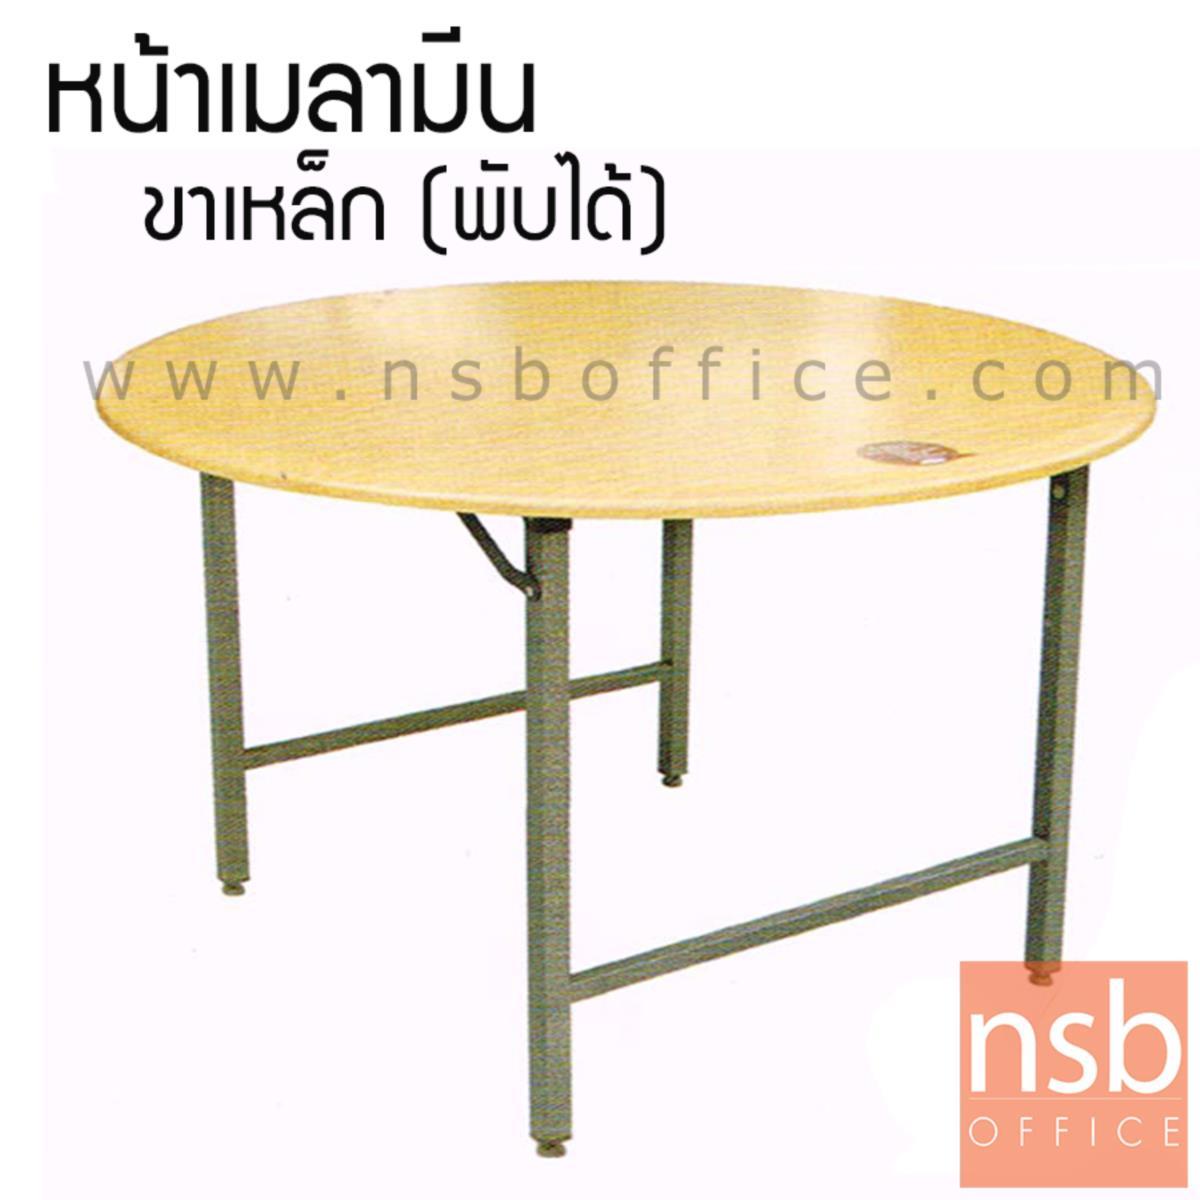 A07A061:โต๊ะพับหน้าเมลามีน 25 mm  120Di, 140Di cm.   ขาเหล็กทำสี